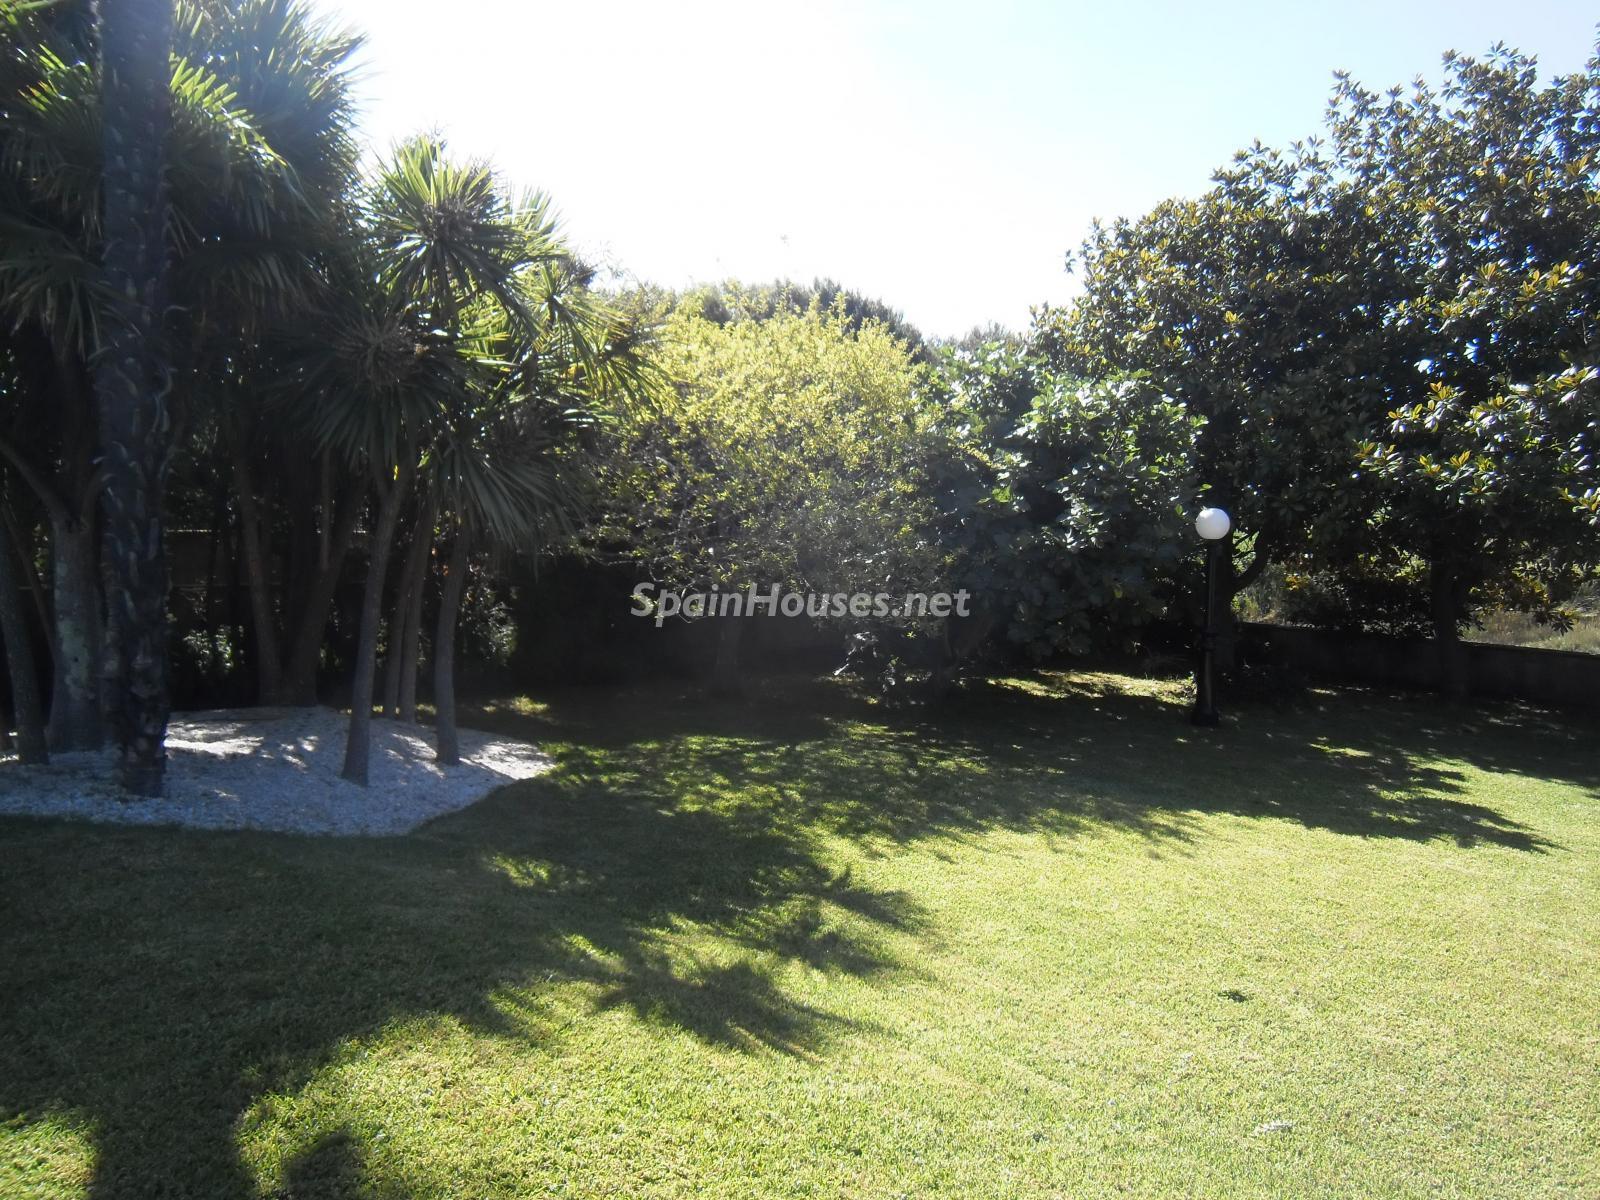 Foto 4 - Chalet independiente en venta en Oleiros, Ref: 1825929